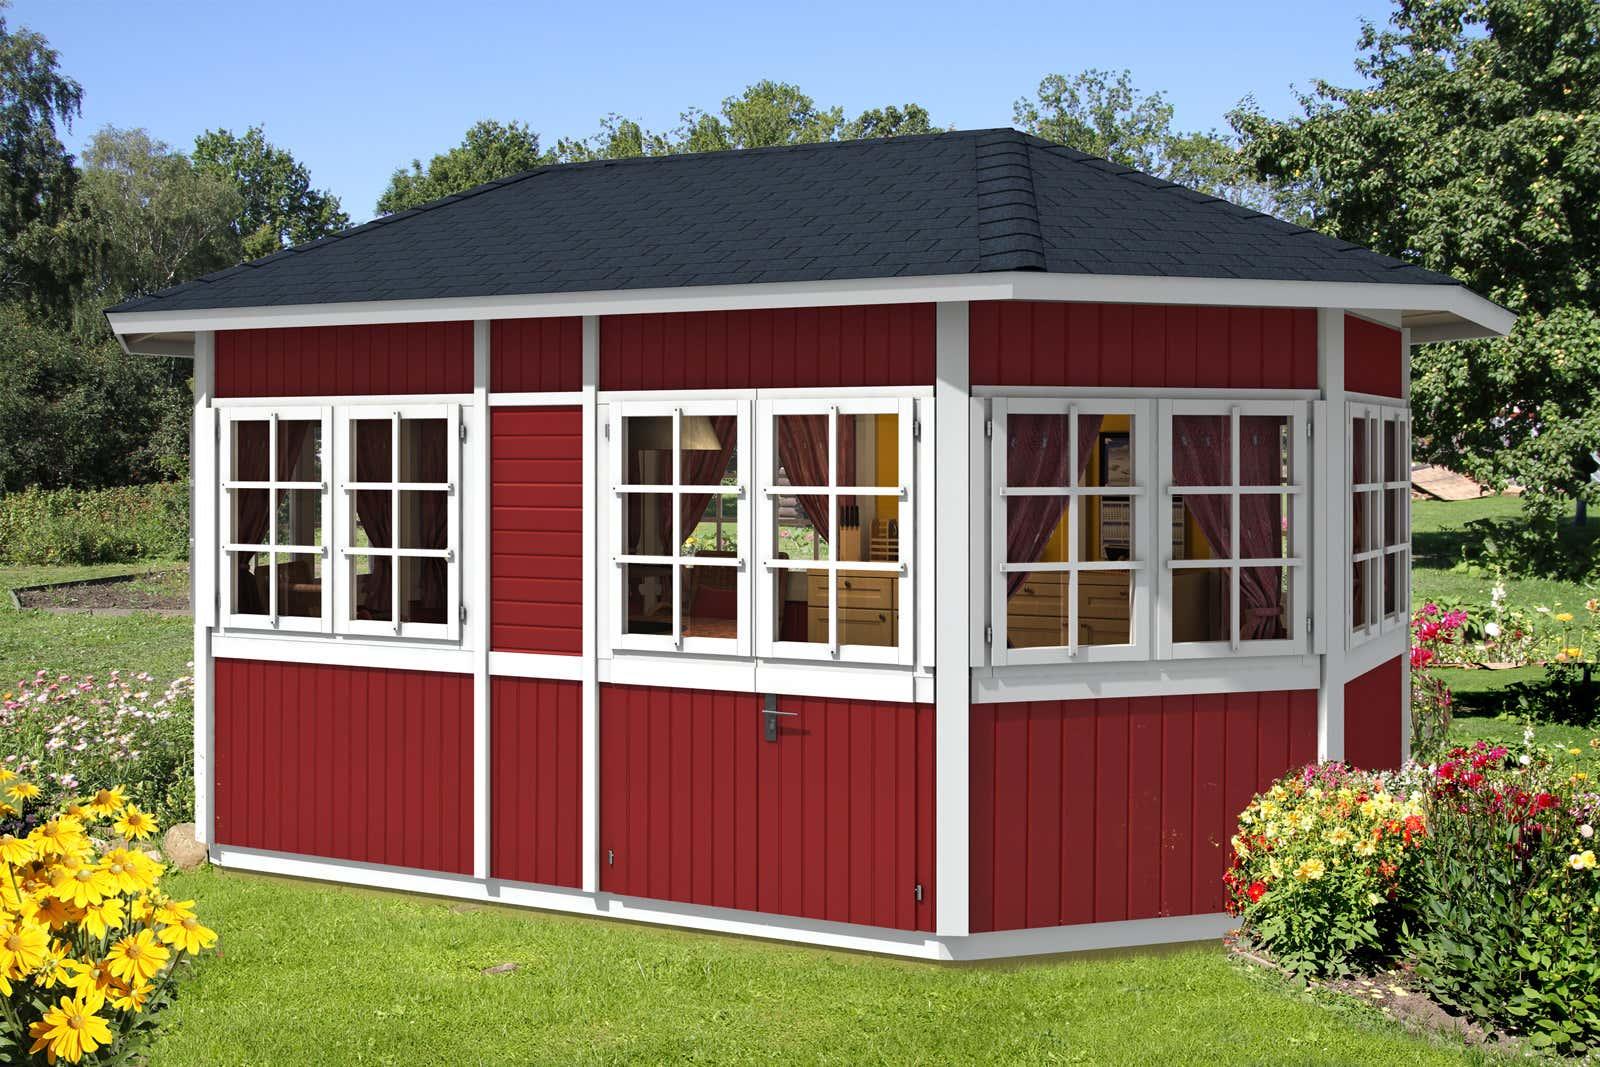 gartenpavillon holz baugenehmigung. Black Bedroom Furniture Sets. Home Design Ideas